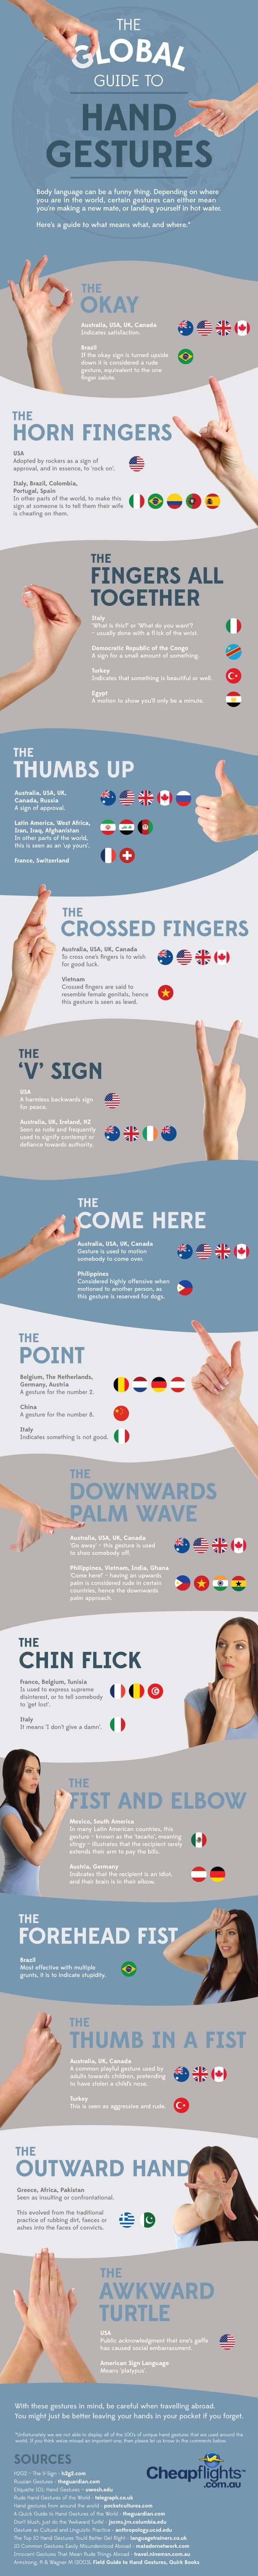 Infographie des gestes obscènes à éviter dans certains pays du monde